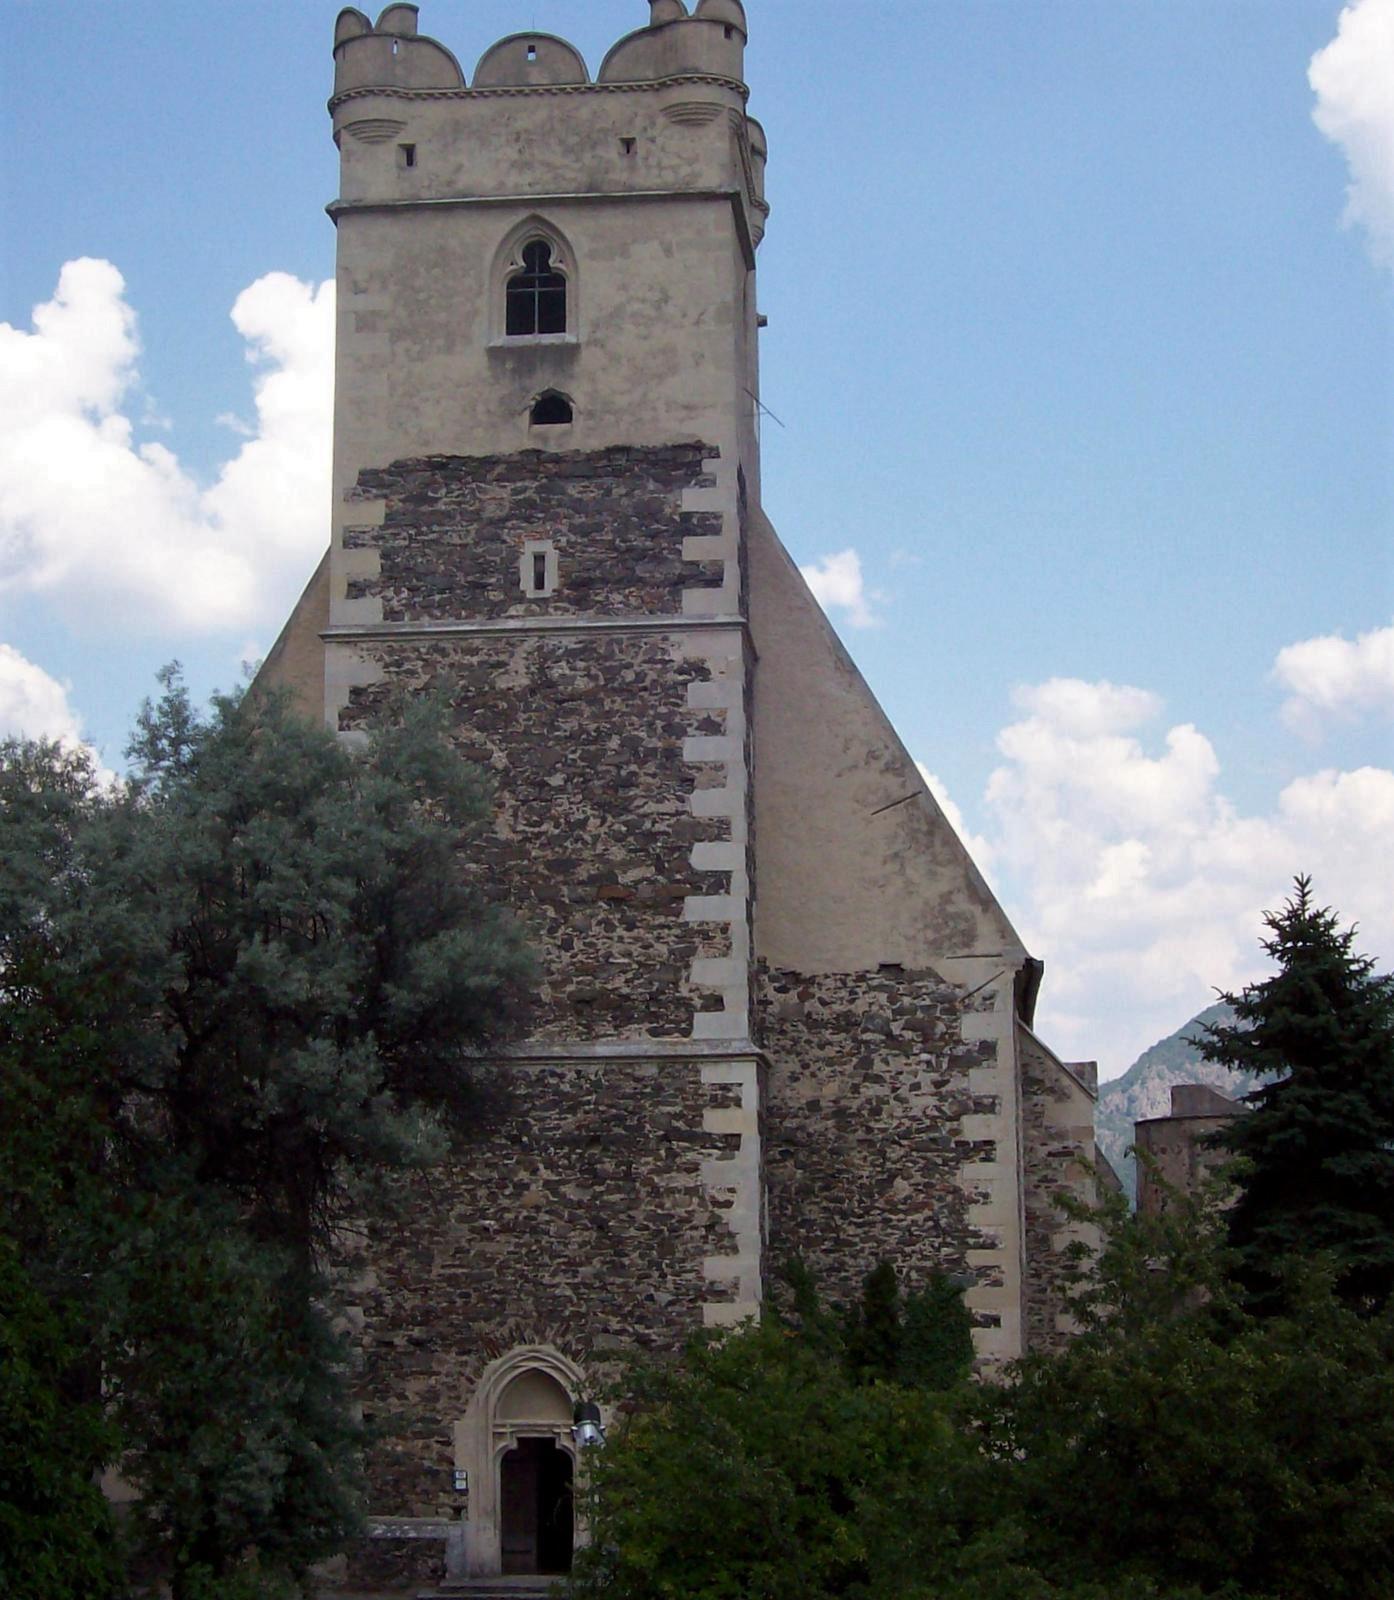 Wehrkirche St. Michael in der Wachau